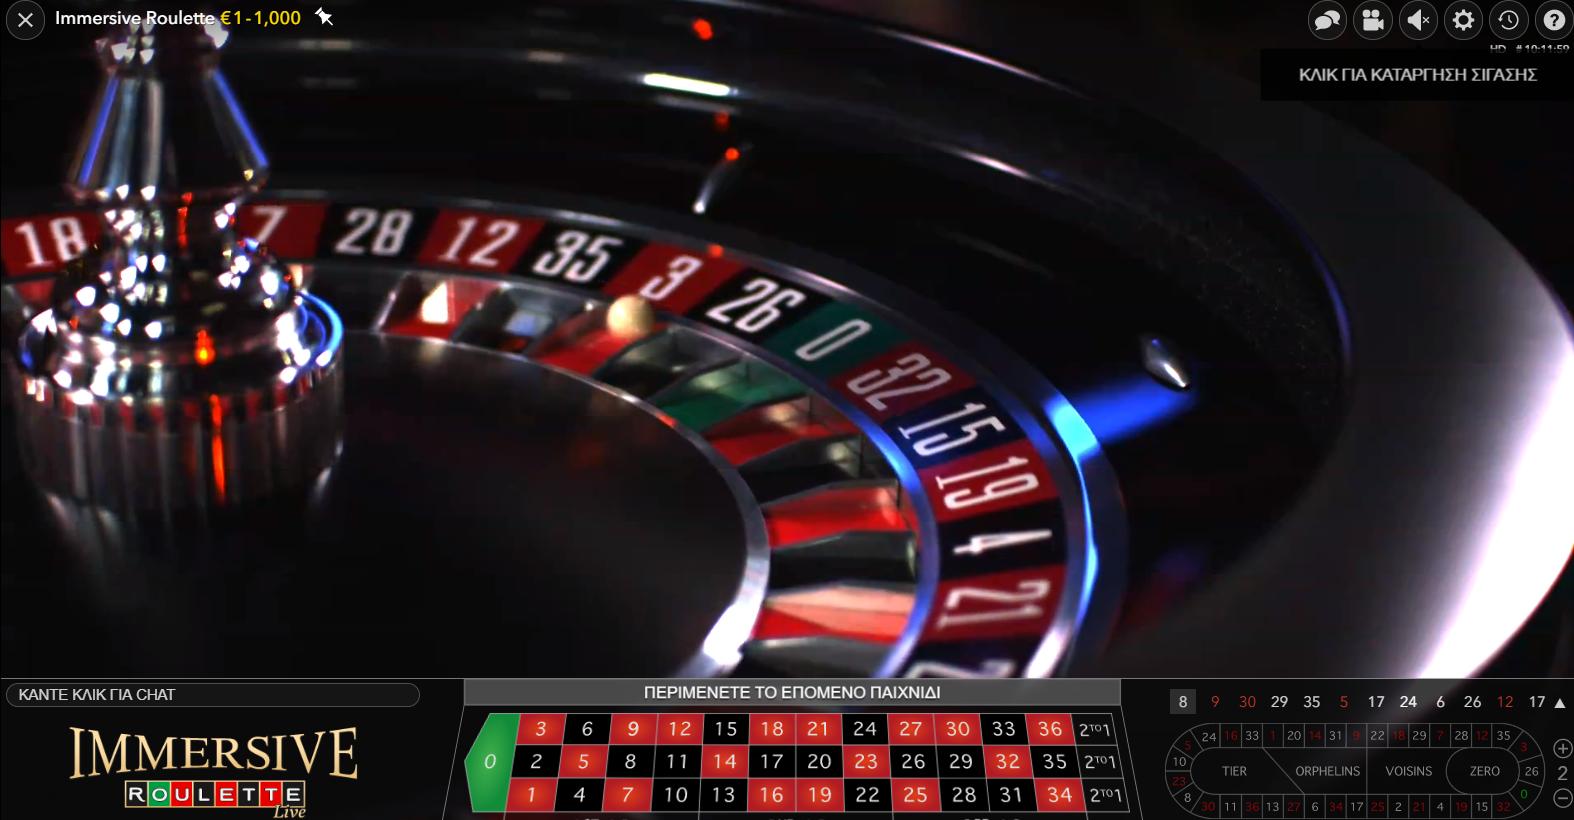 Το slow motion animation της Immersive Roulette